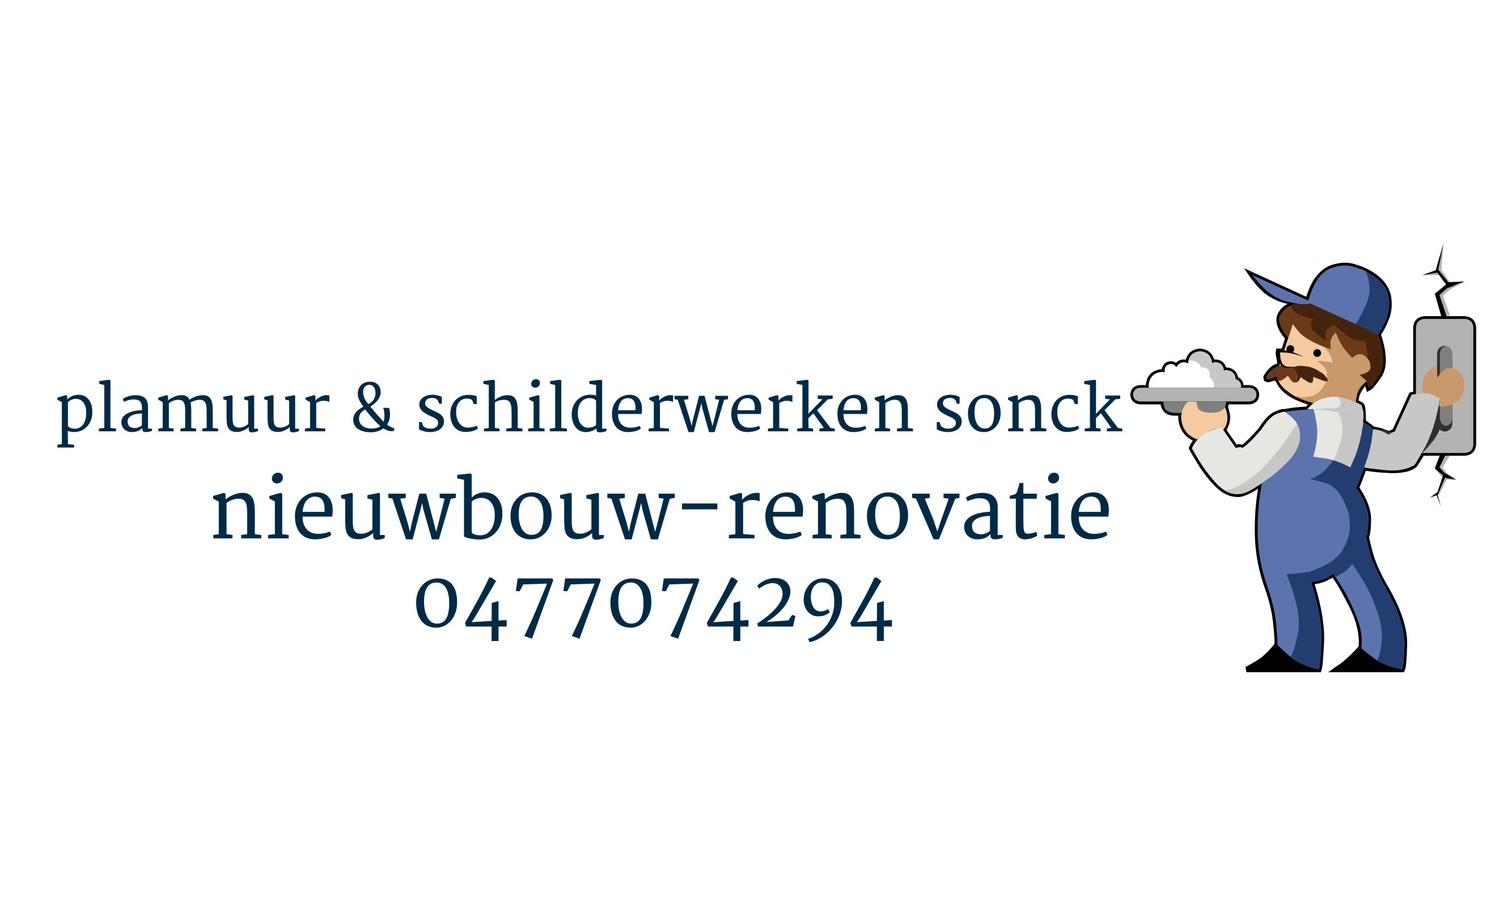 logo Sonck Plamuur & schilderwerken